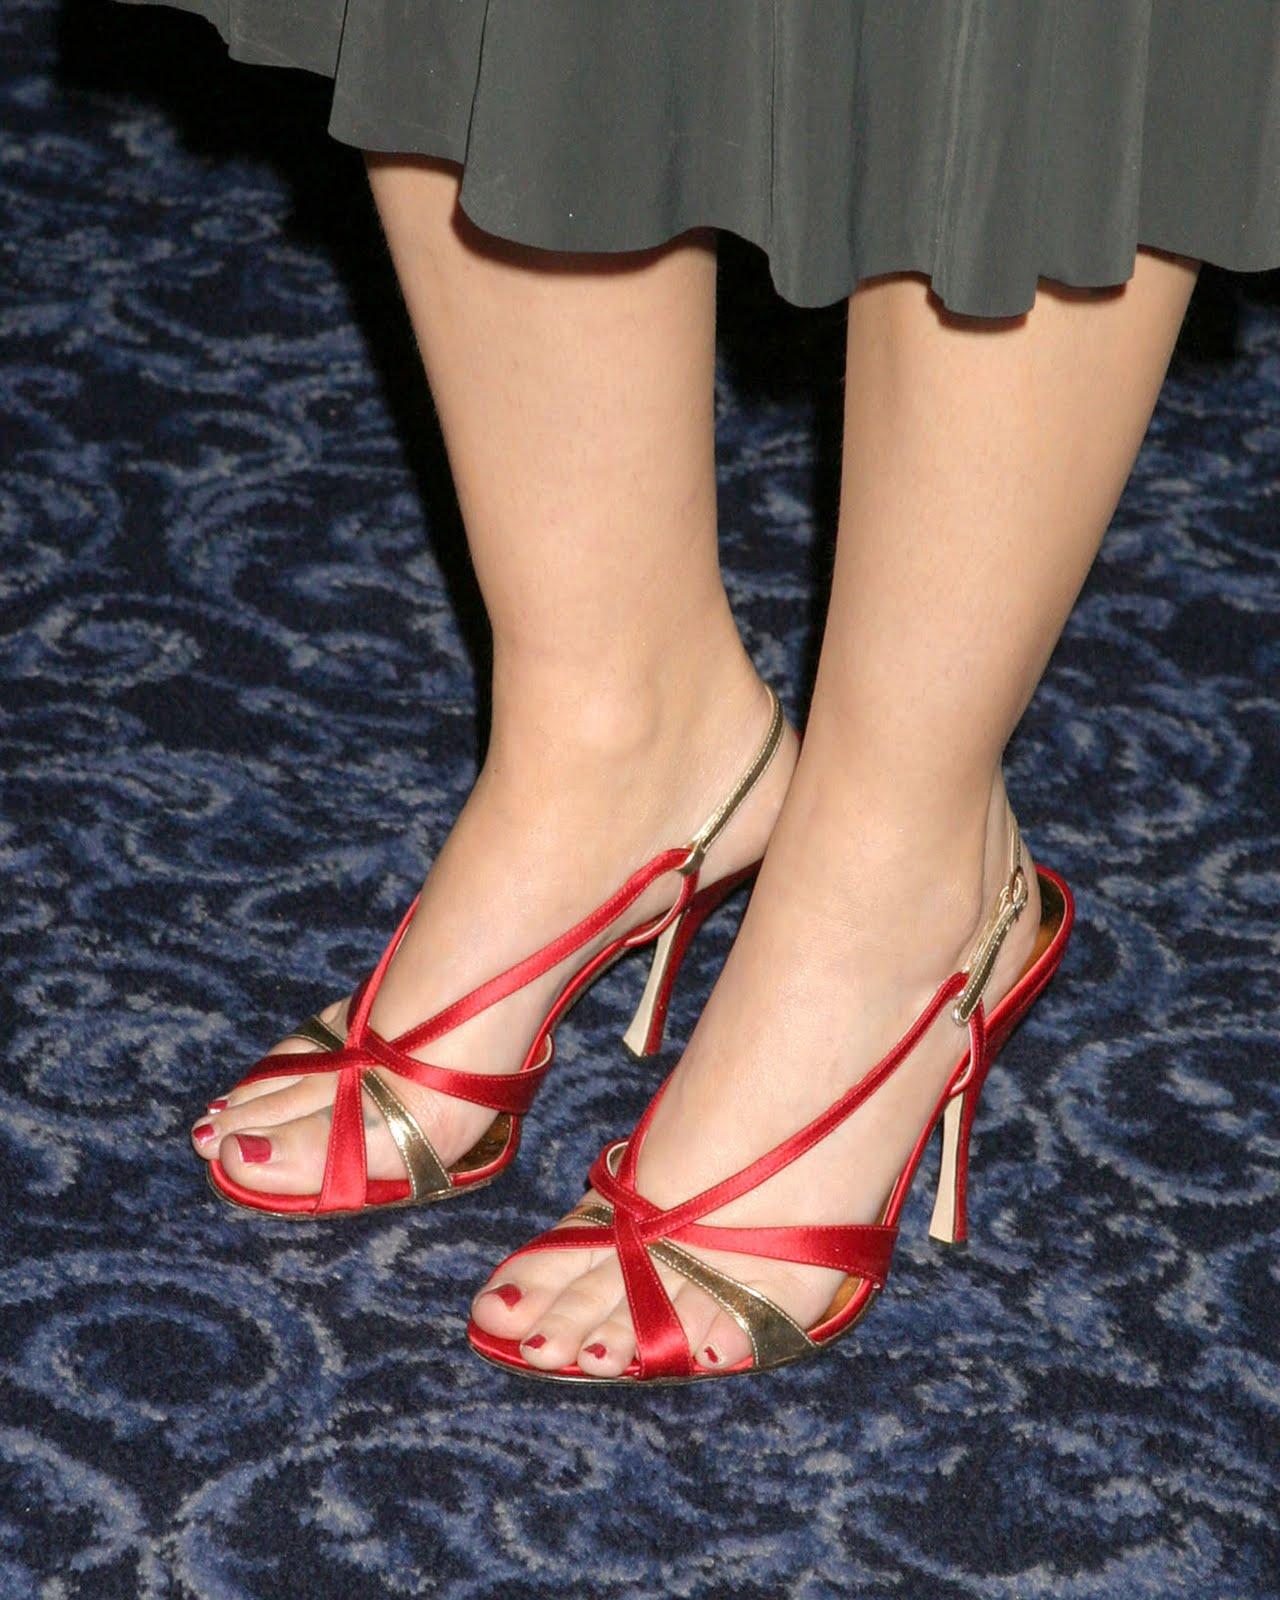 My Celebrity: Drew Barrymore Feet